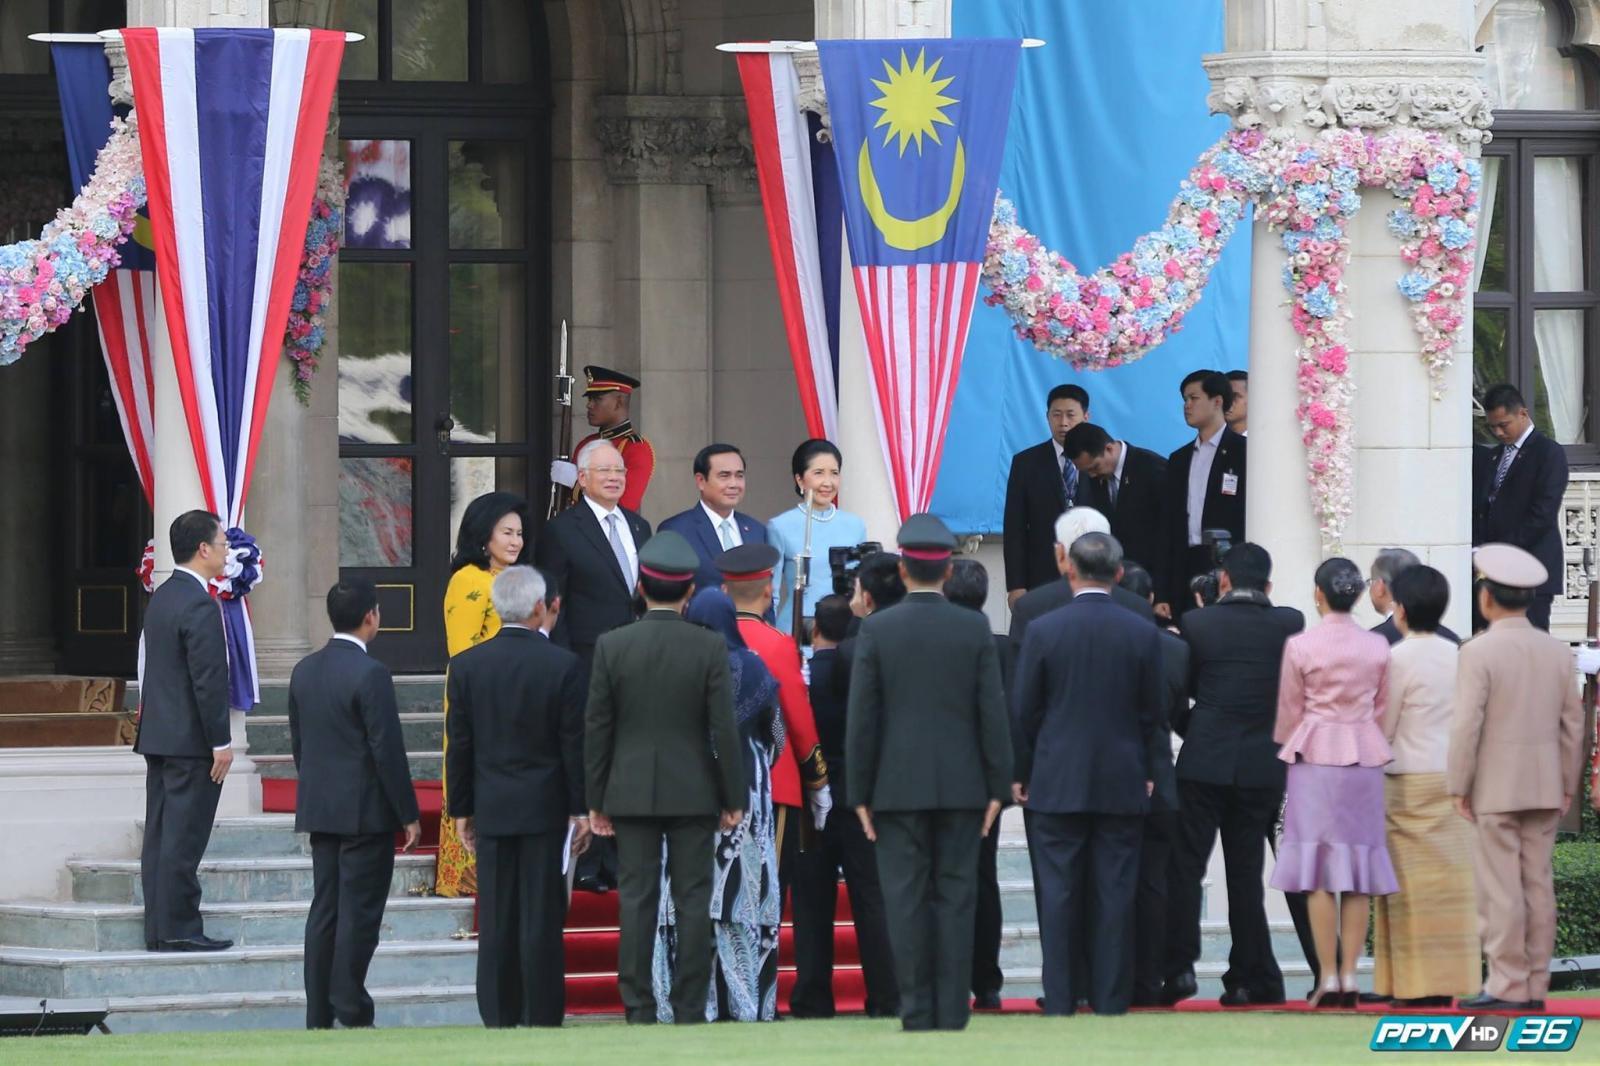 มาเลเซียย้ำยึดแนวทางไทยคุยสันติสุขชายแดน (คลิป)